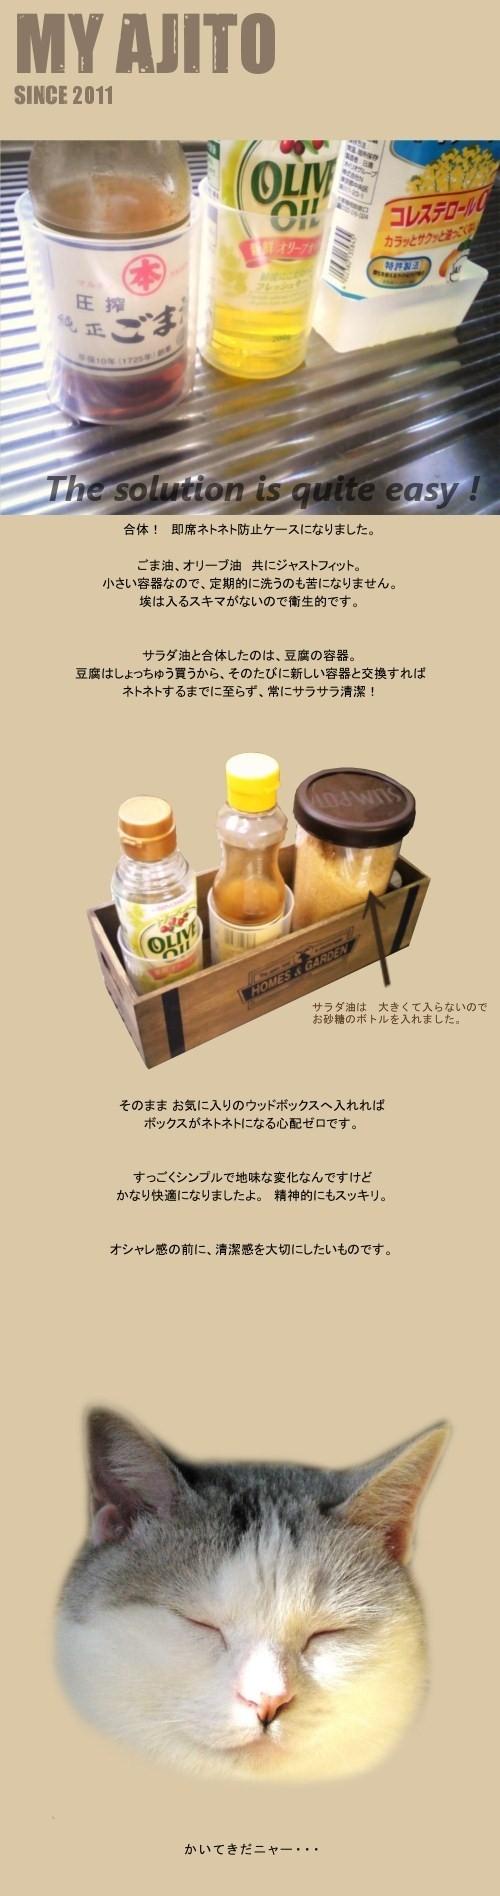 OIL_003.jpg